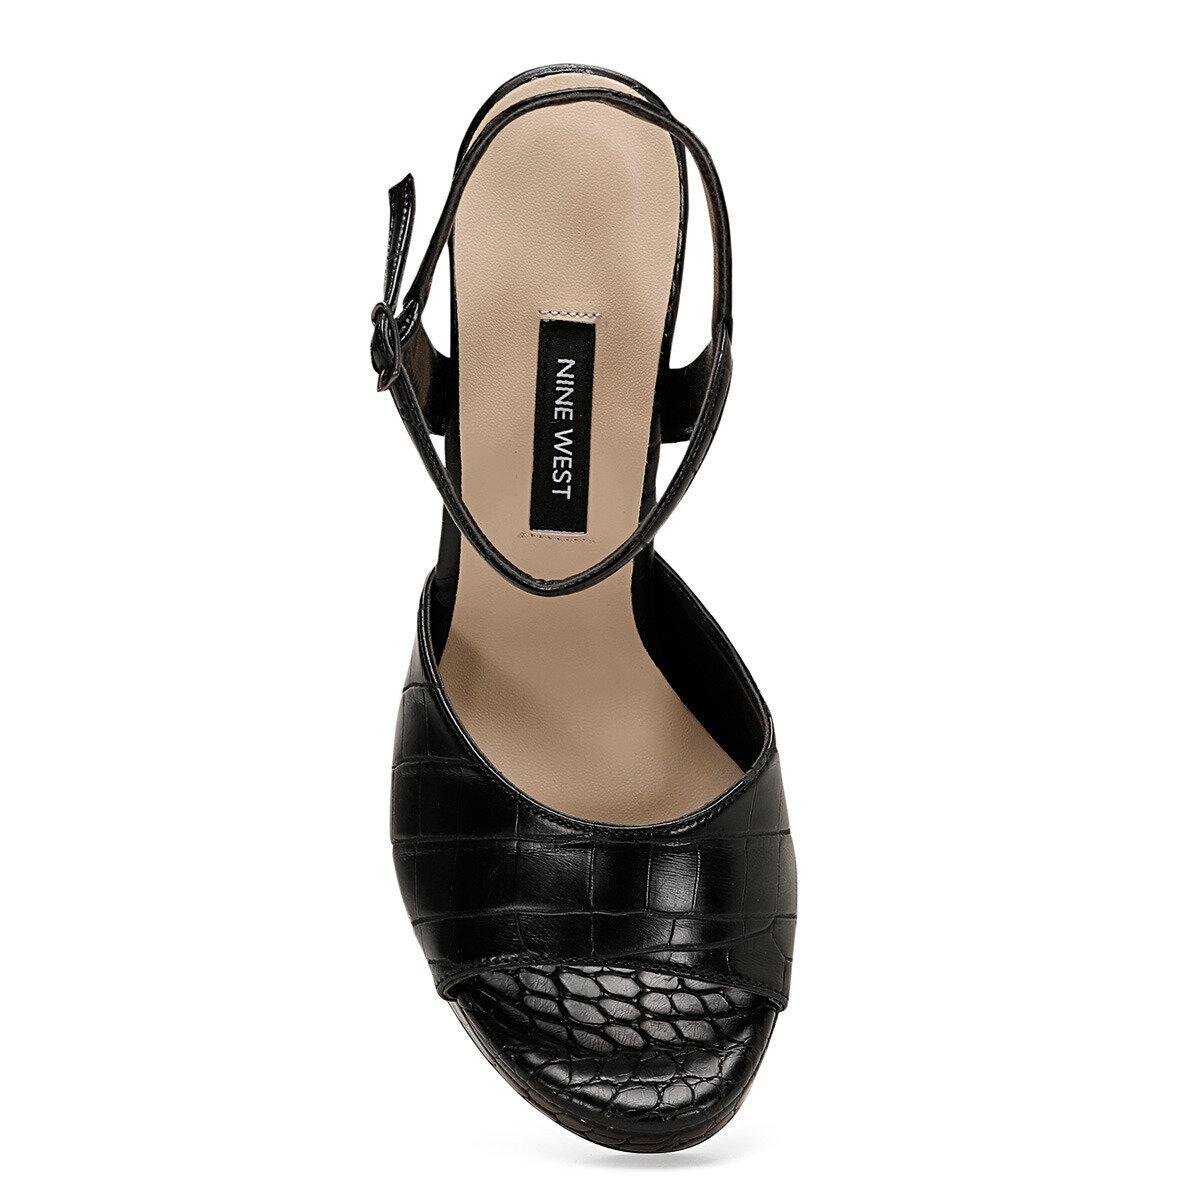 CENDO Siyah Kadın Topuklu Sandalet